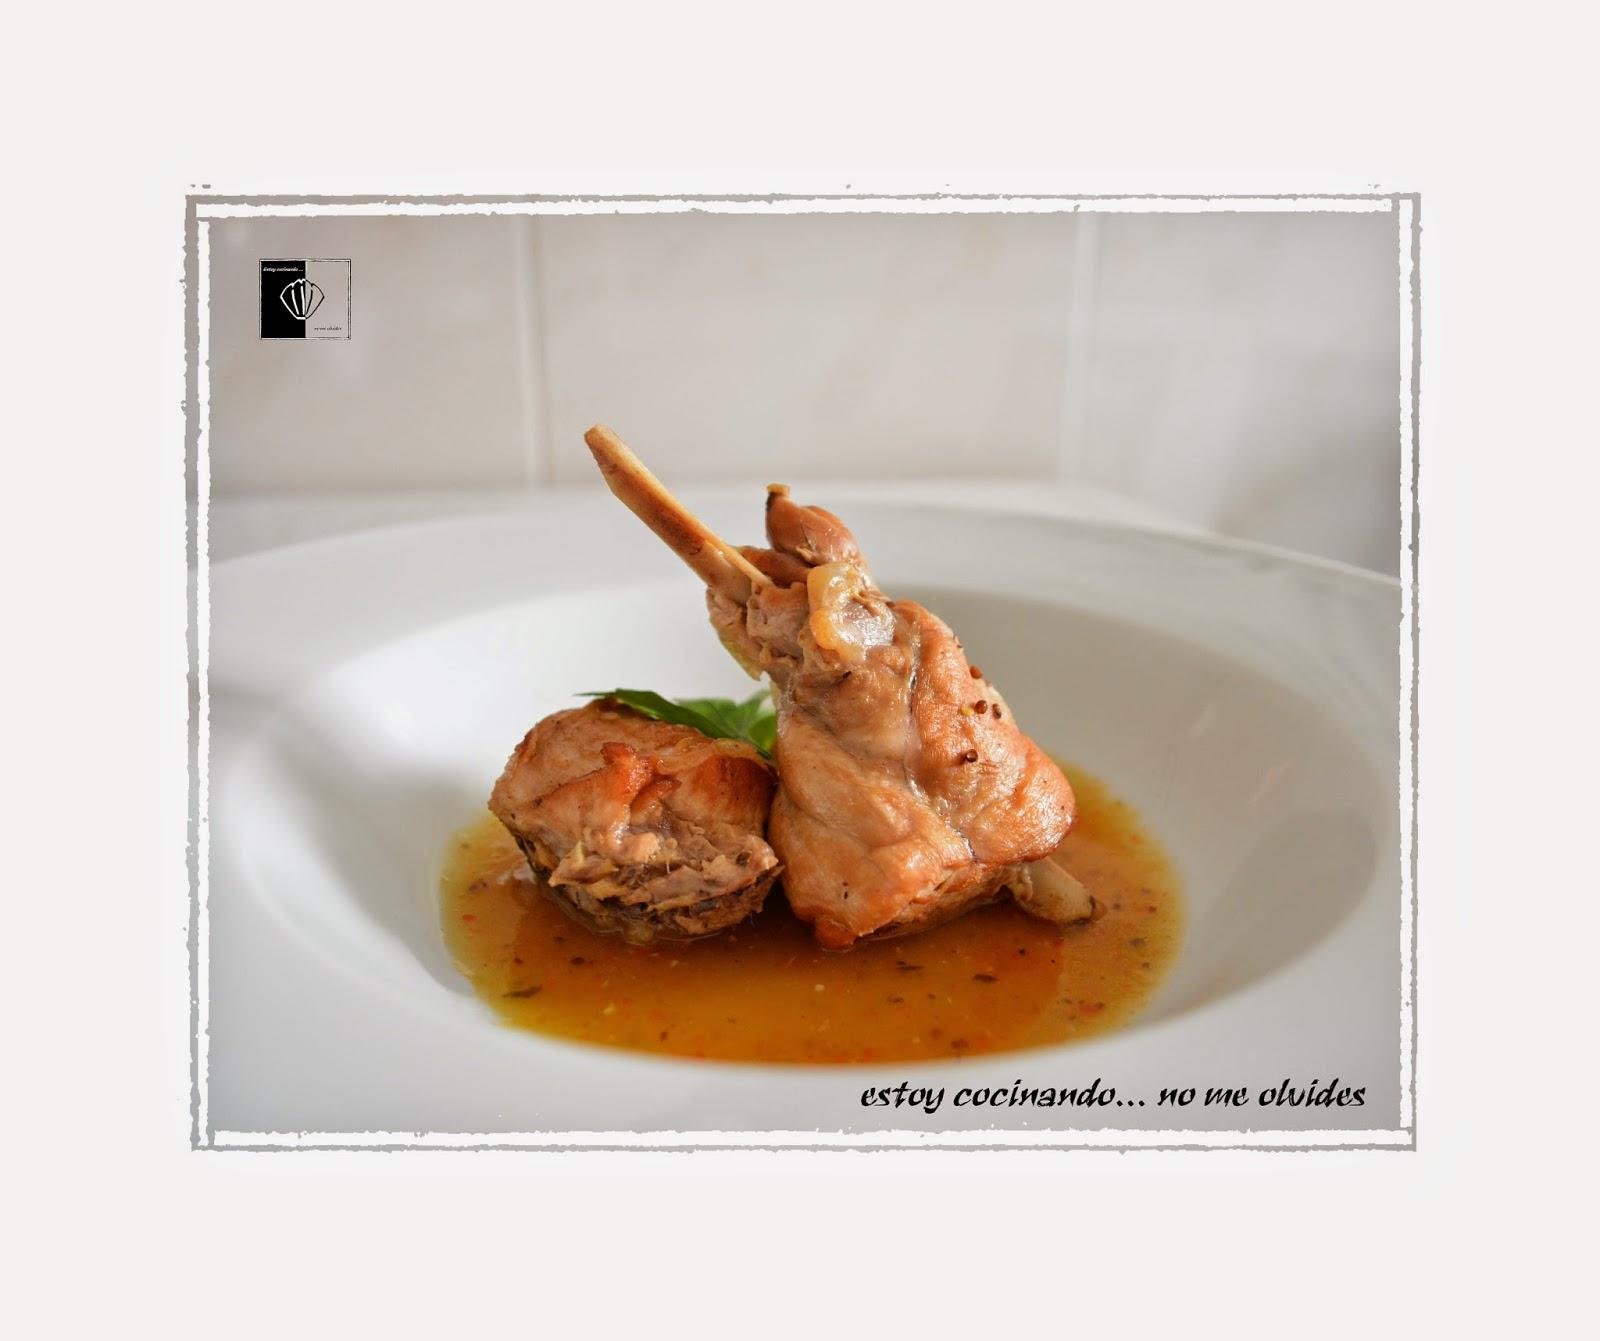 Cocinar Conejo Guisado   Estoy Cocinando No Me Olvides Conejo Guisado